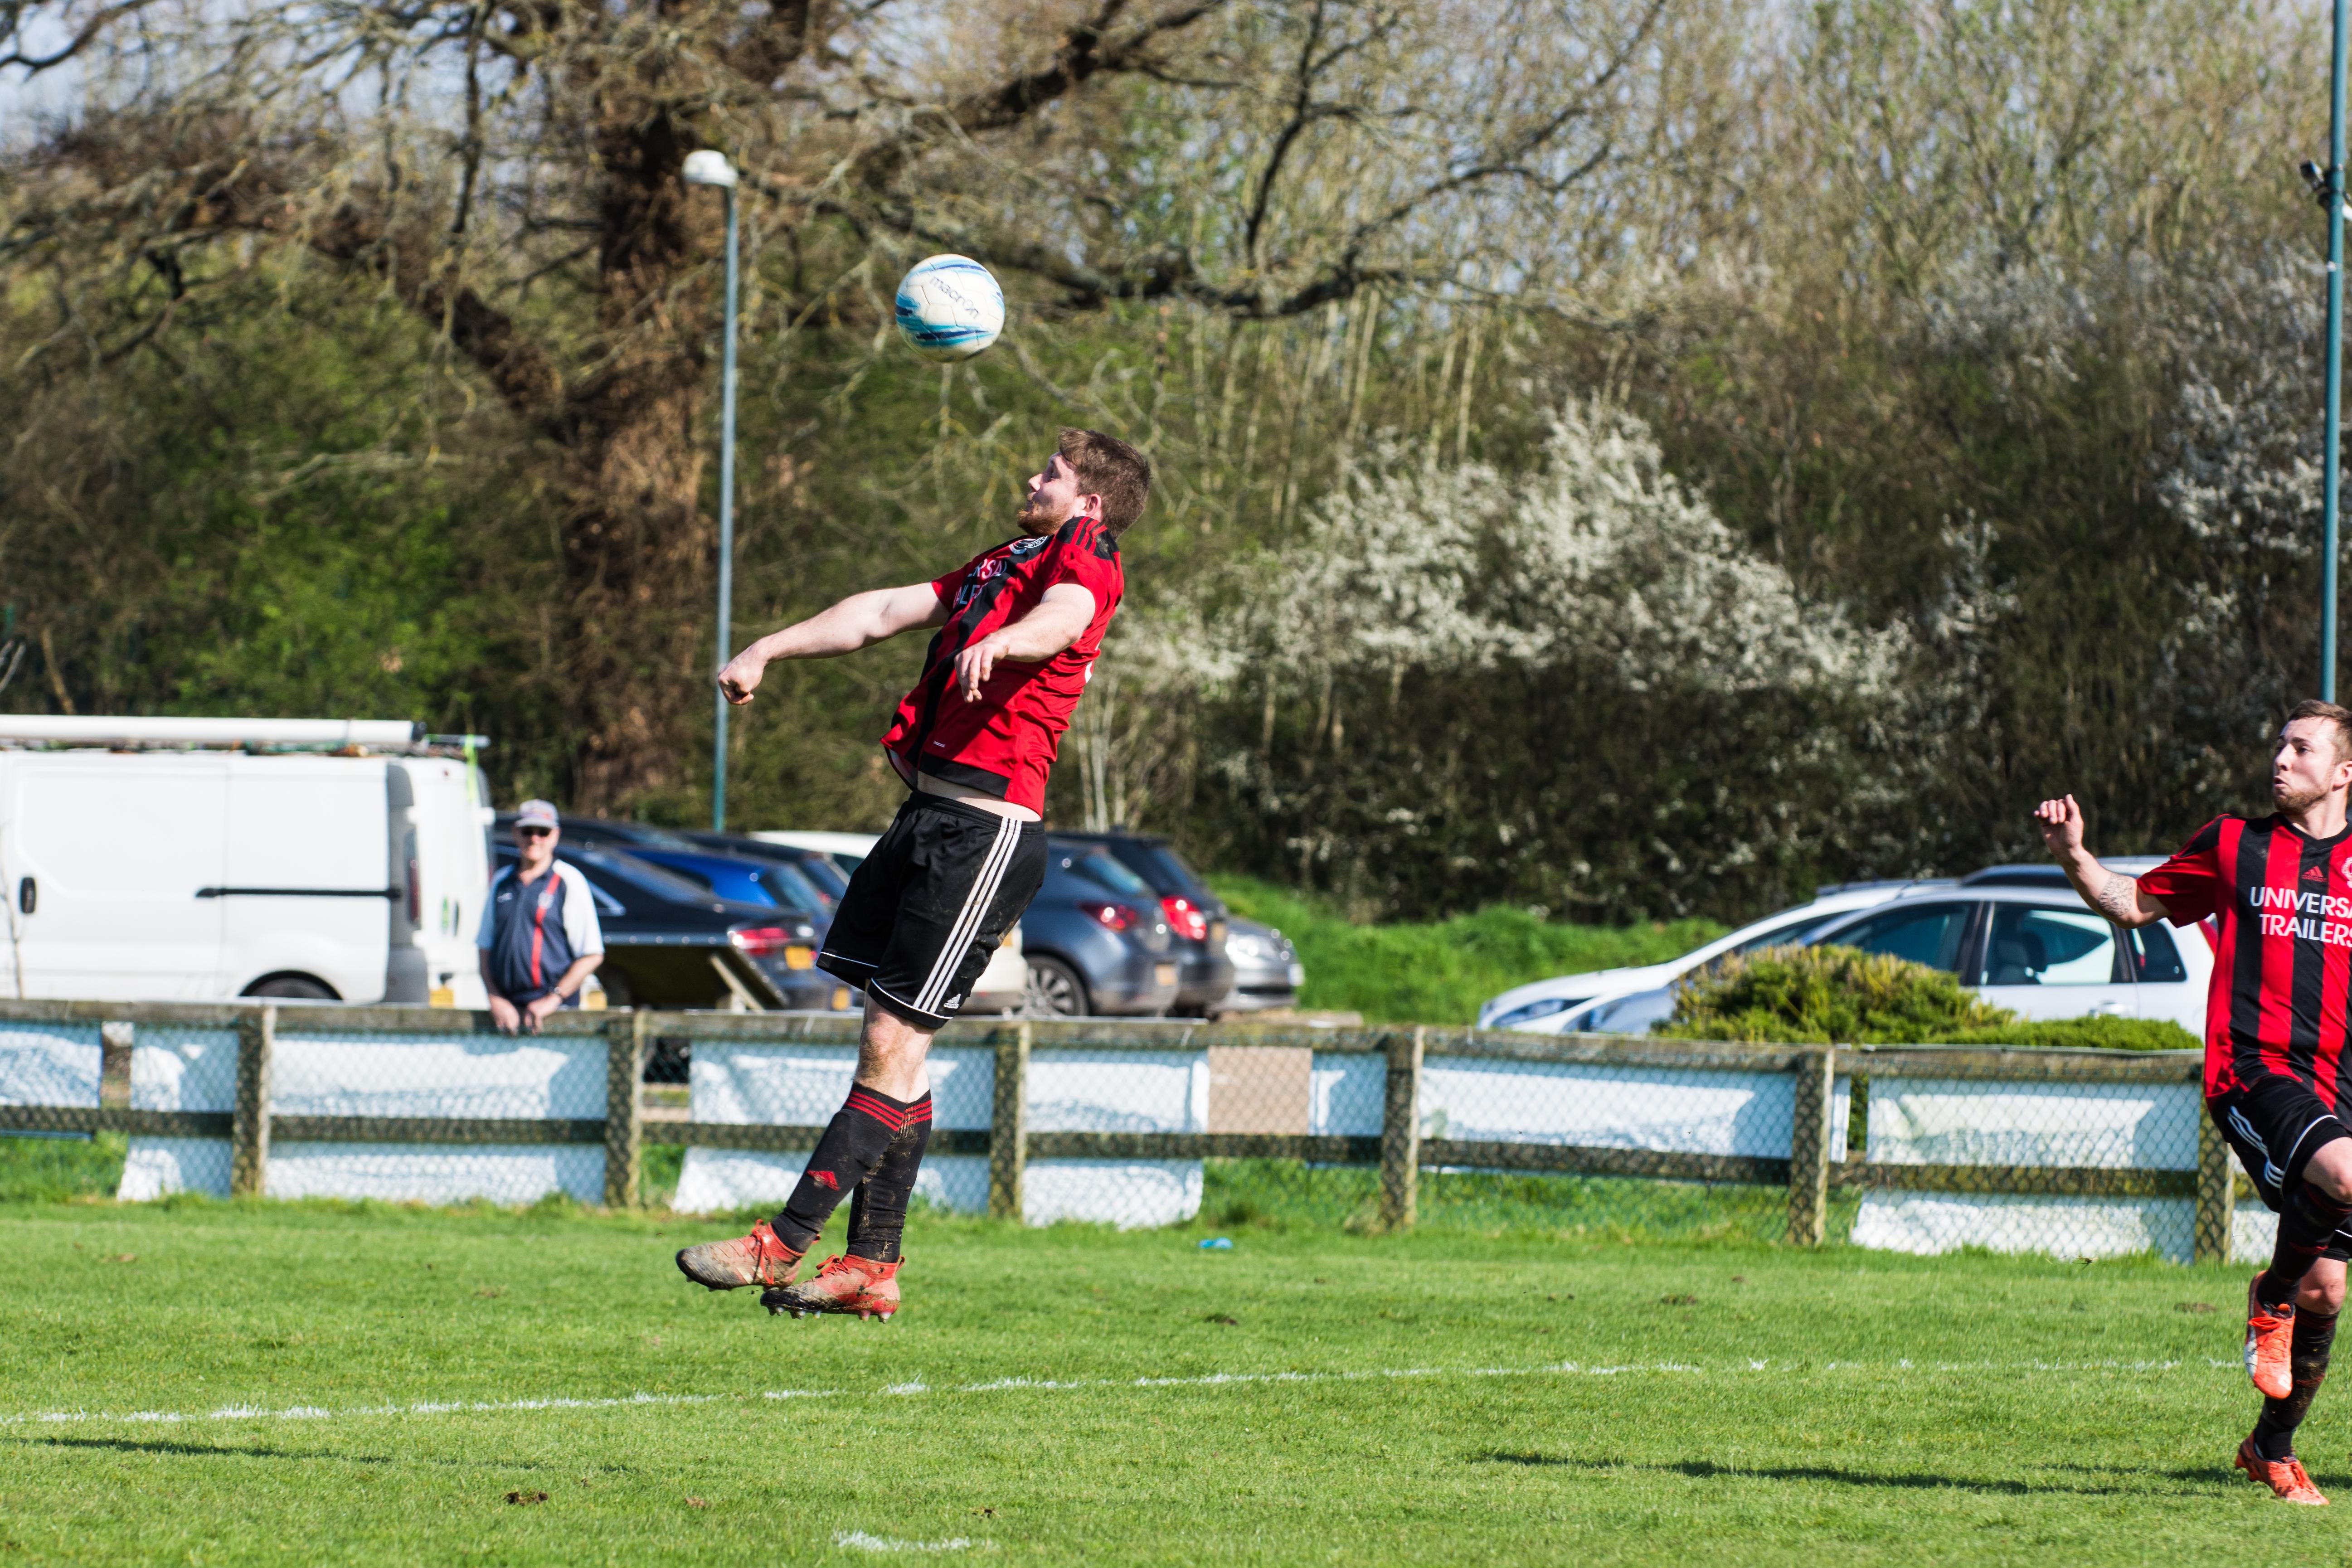 DAVID_JEFFERY Billingshurst FC vs AFC Varndeanians 14.04.18 75